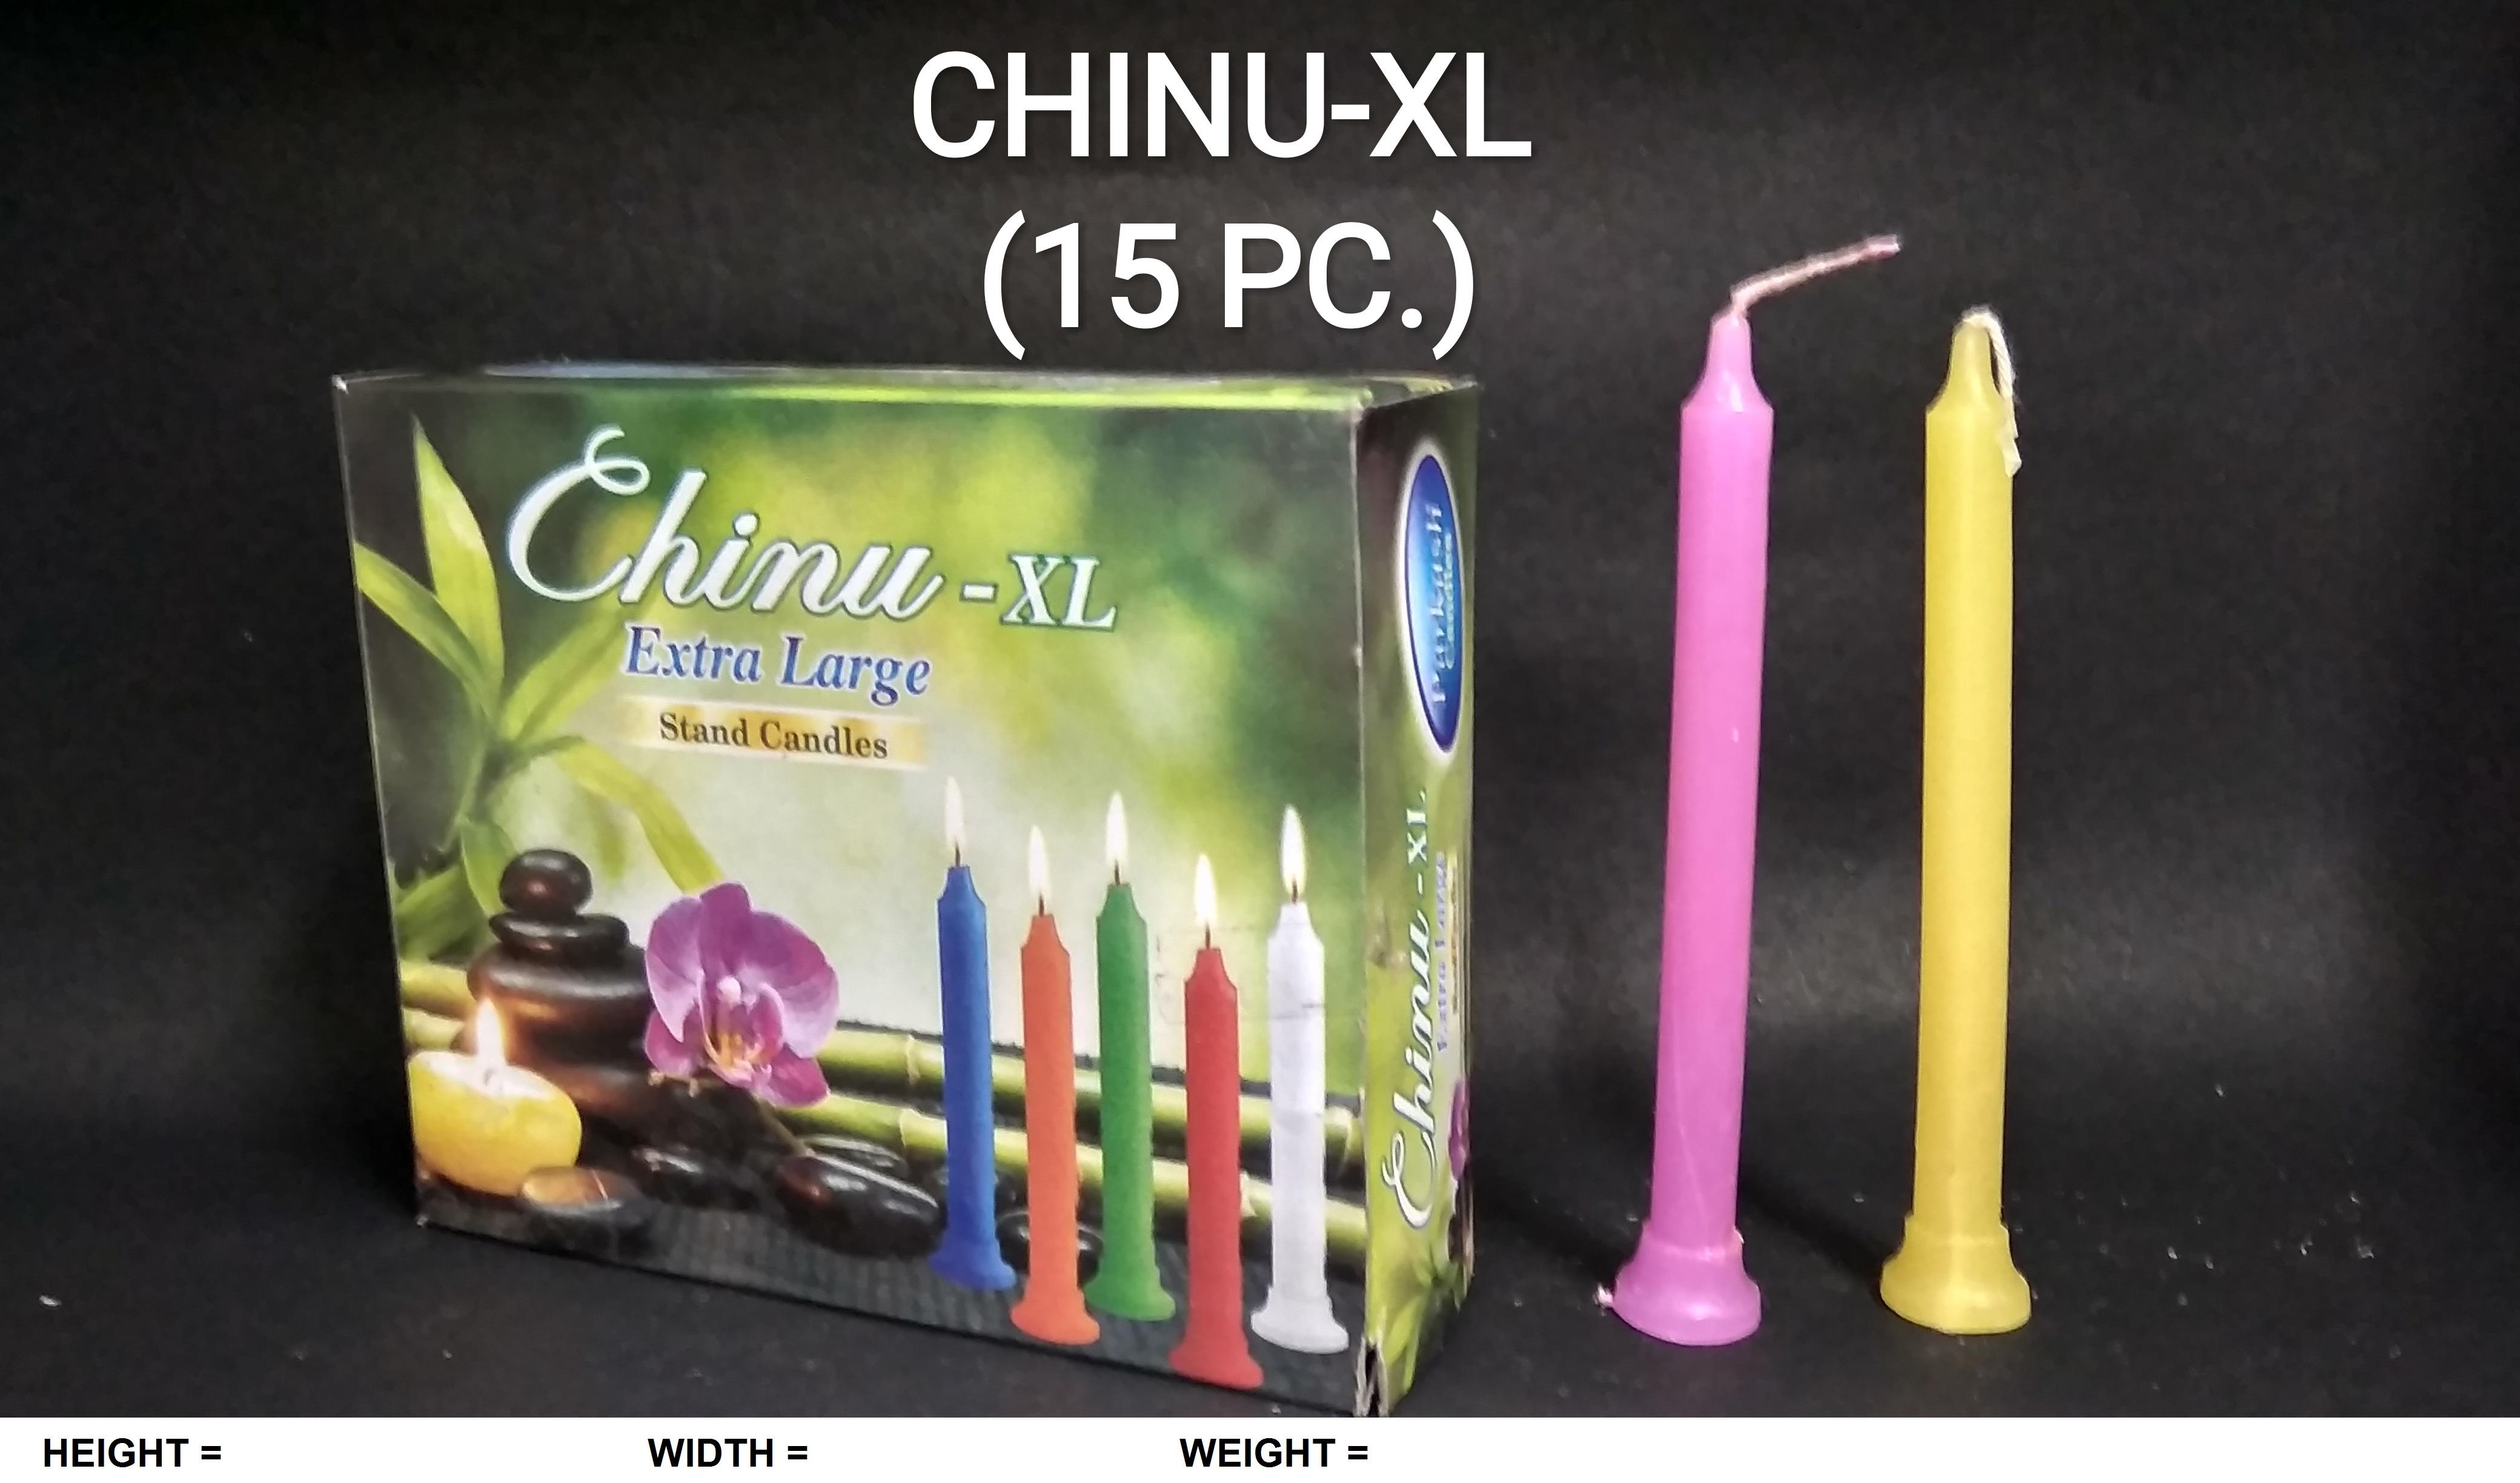 CHINU-XL